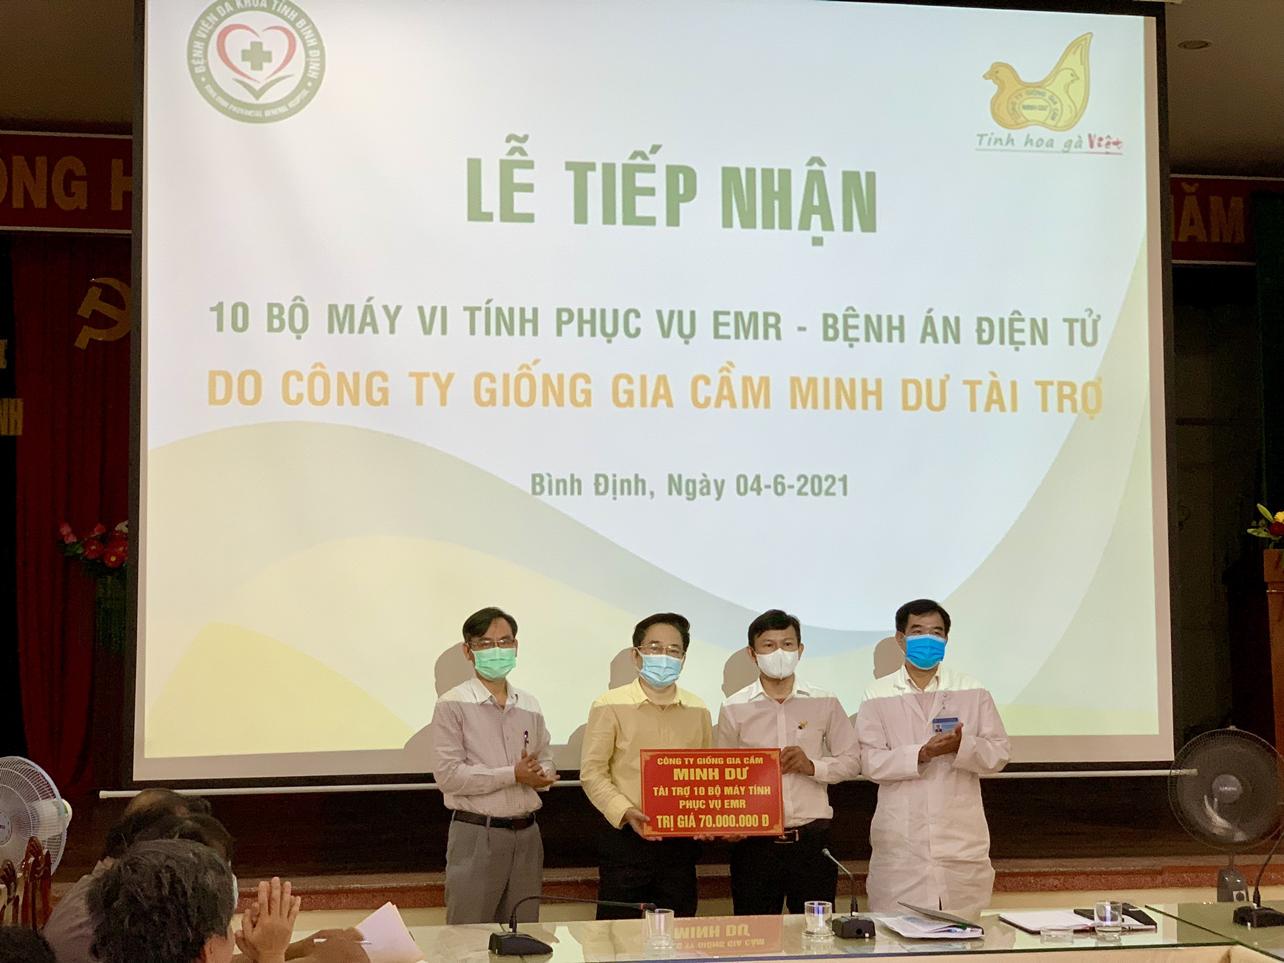 Lễ tiếp nhận tài trợ máy tính của Công ty TNHH giống gia cầm Minh Dư